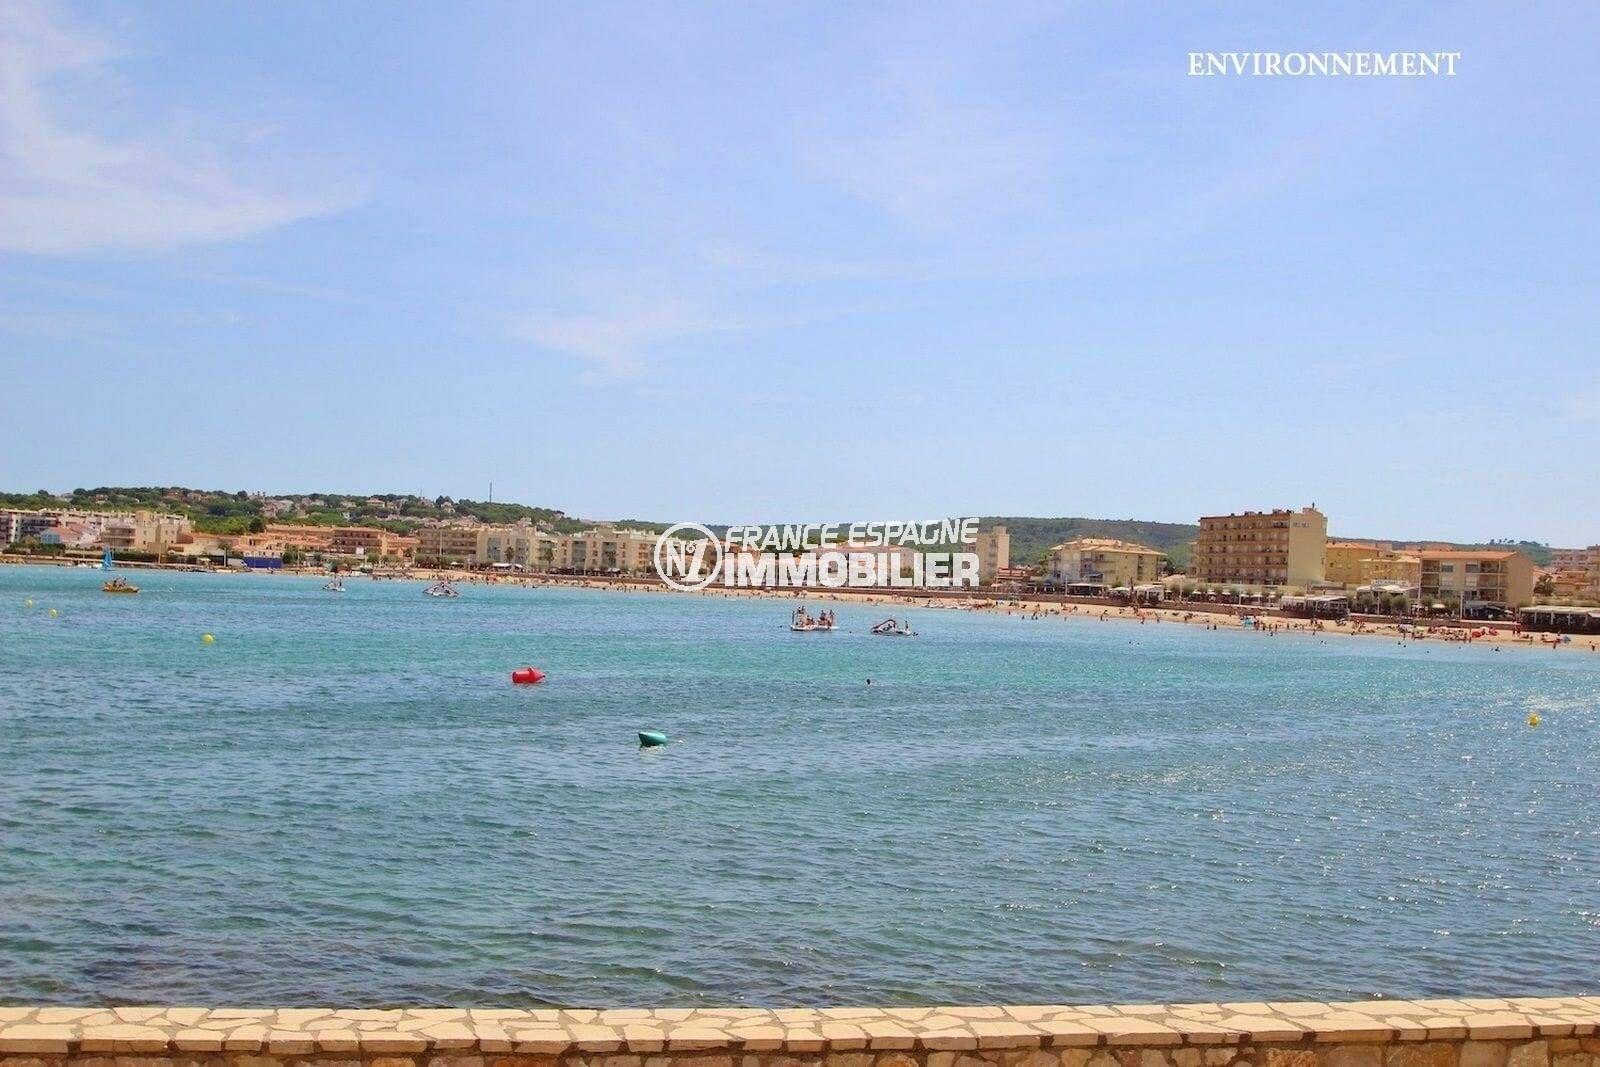 maison a vendre en espagne pas cher, ref.3818, aperçu de la côte et de la mer à proximité